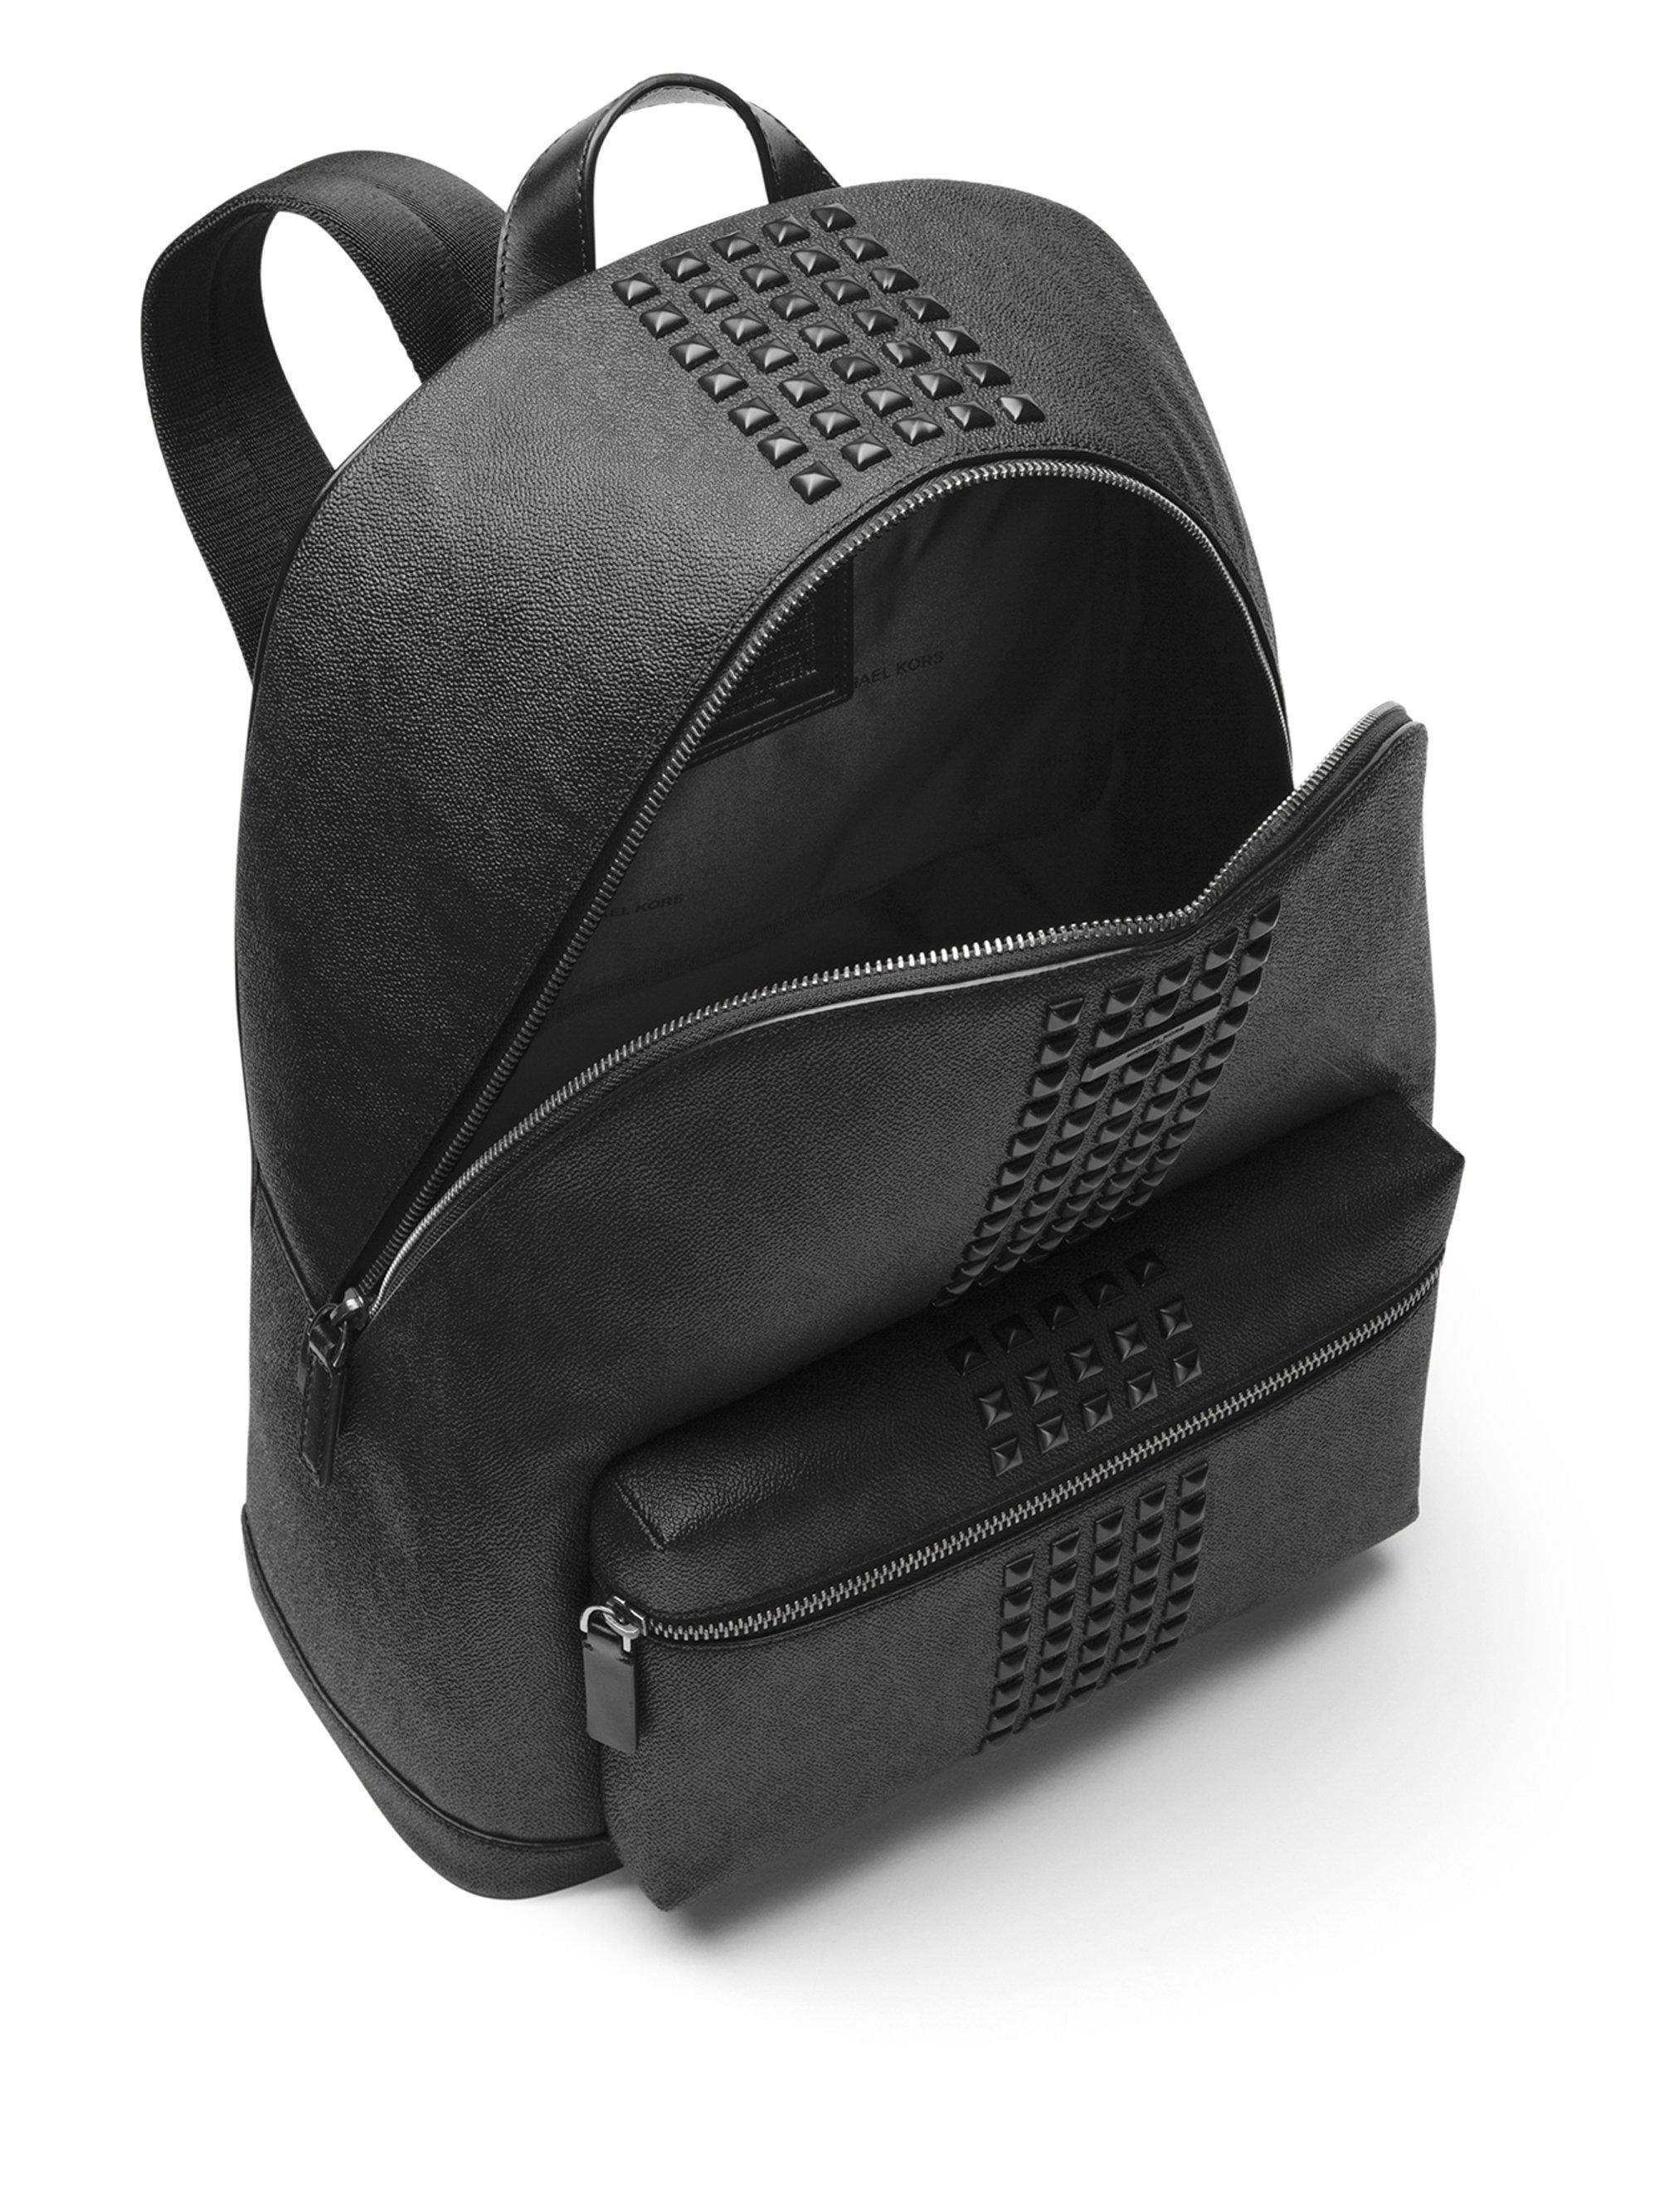 fe71d4d6d086be Michael Kors Jet Set Studded Backpack in Black for Men - Lyst